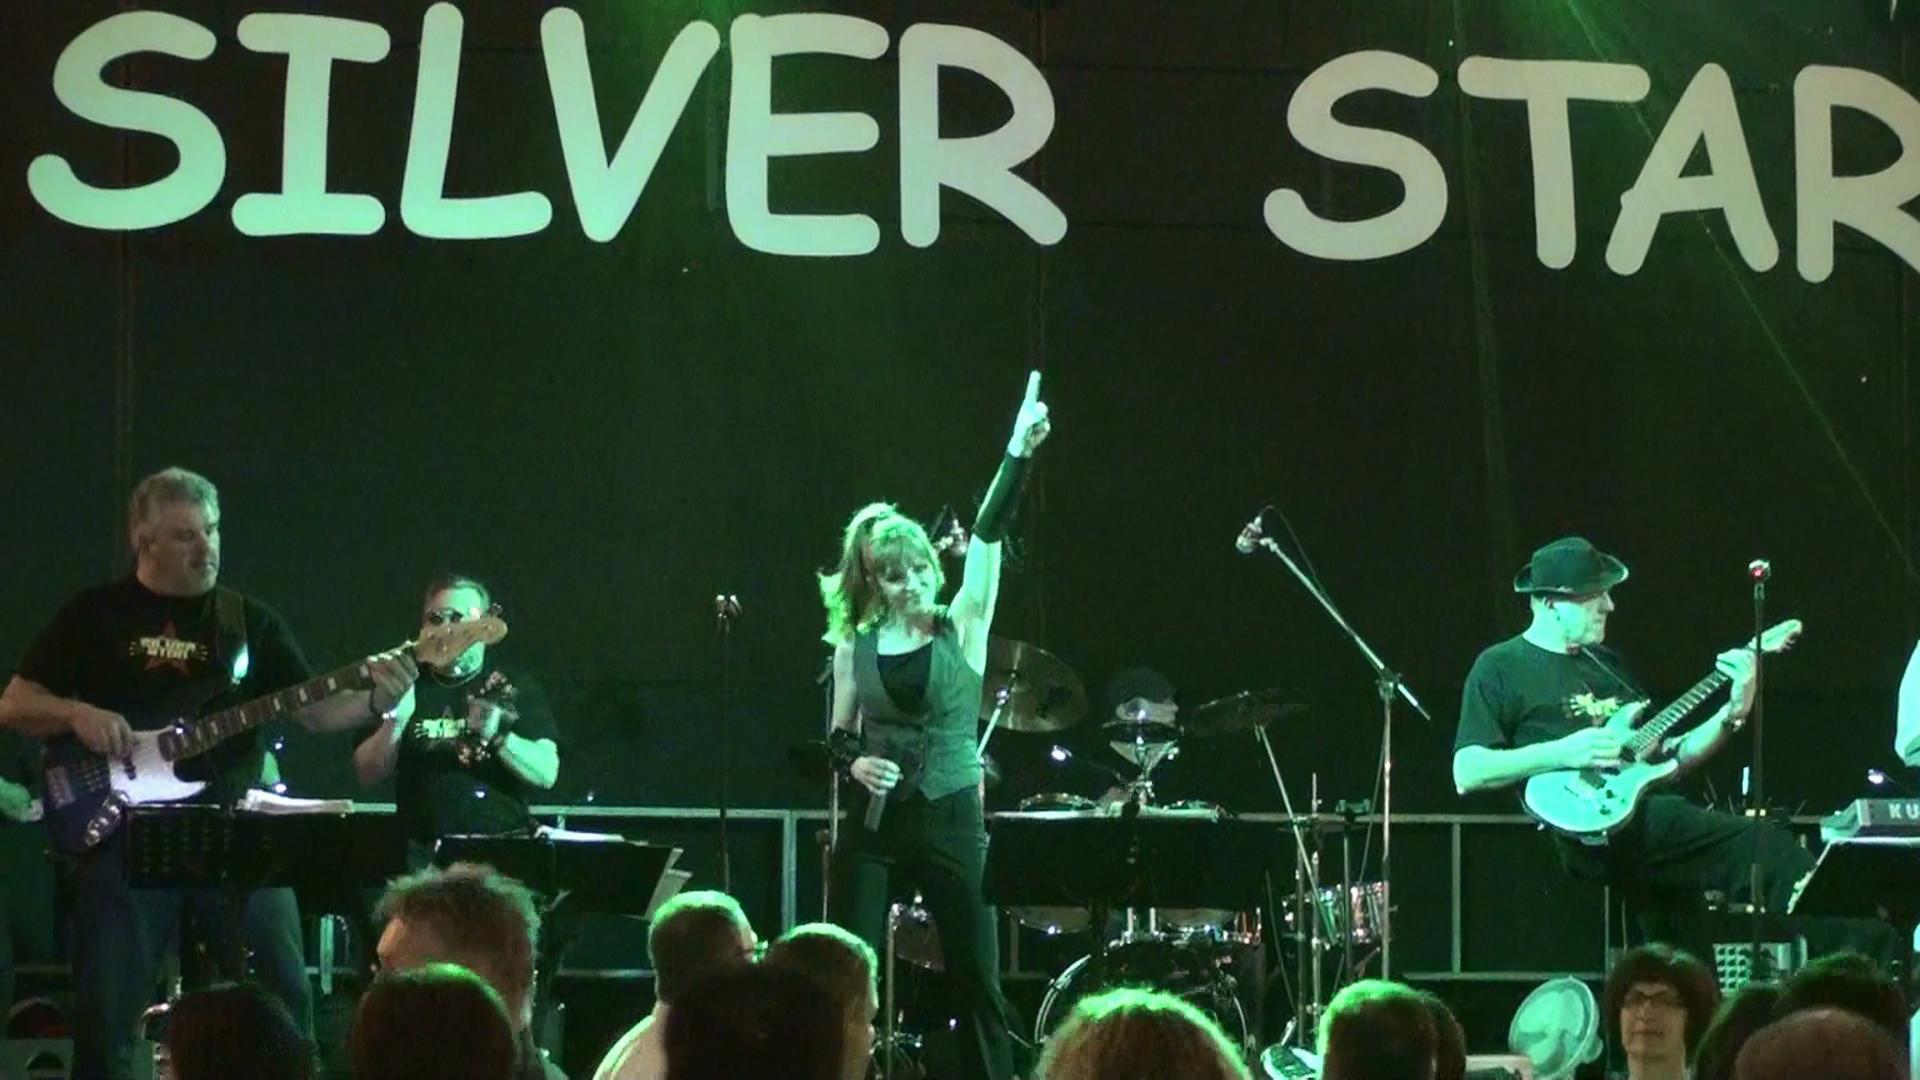 photos SILVER STAR BAND